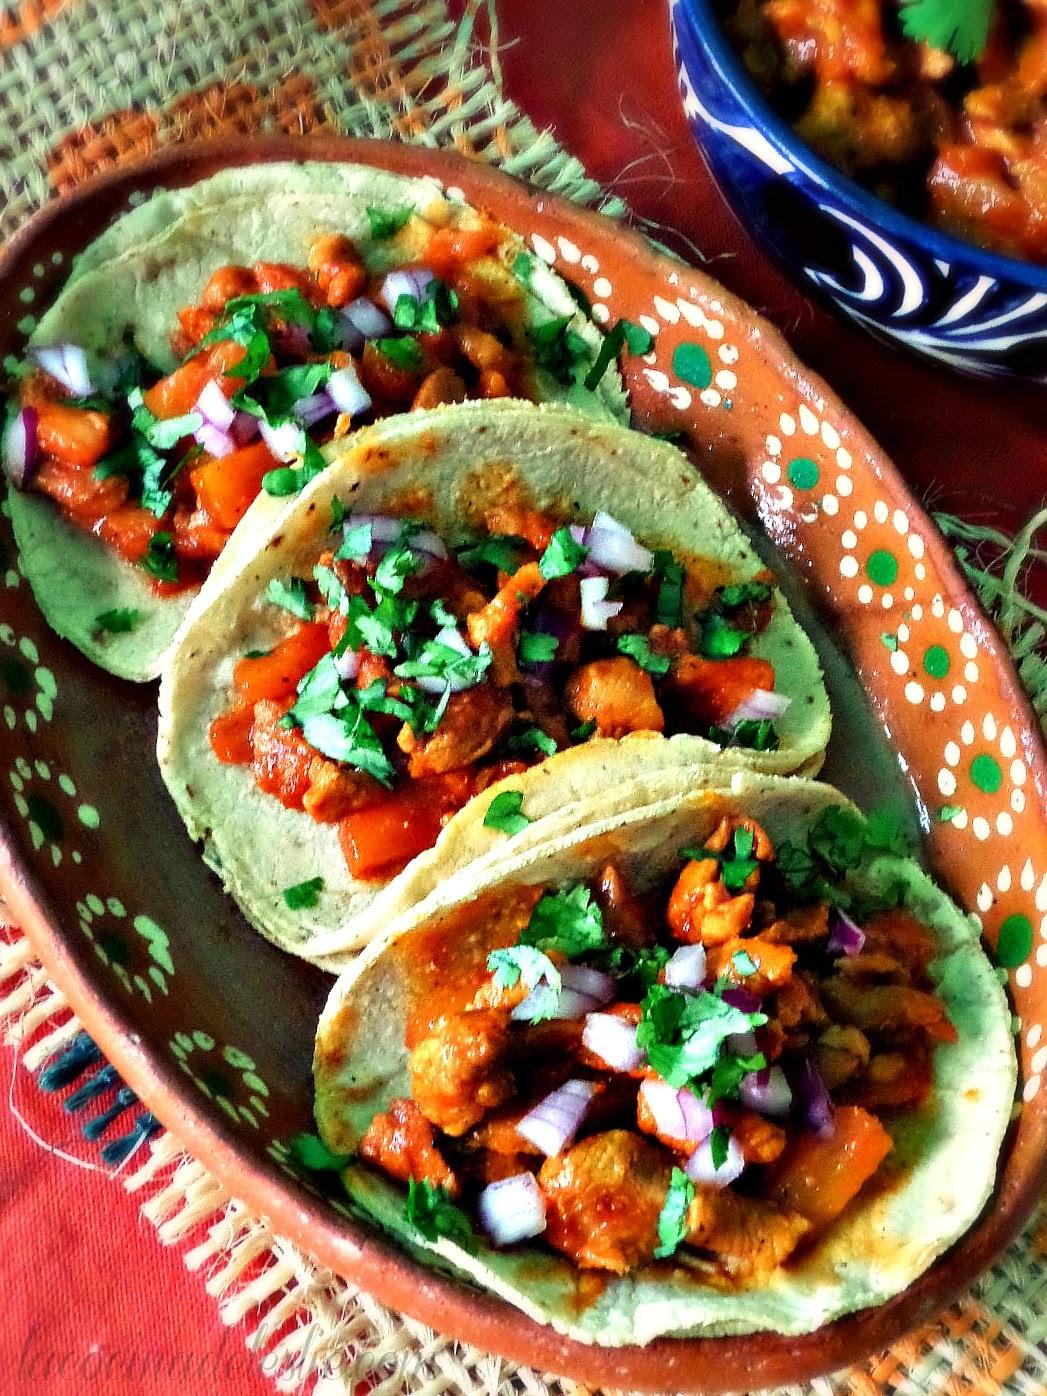 Homemade Tacos al Pastor - lacocinadeleslie.com